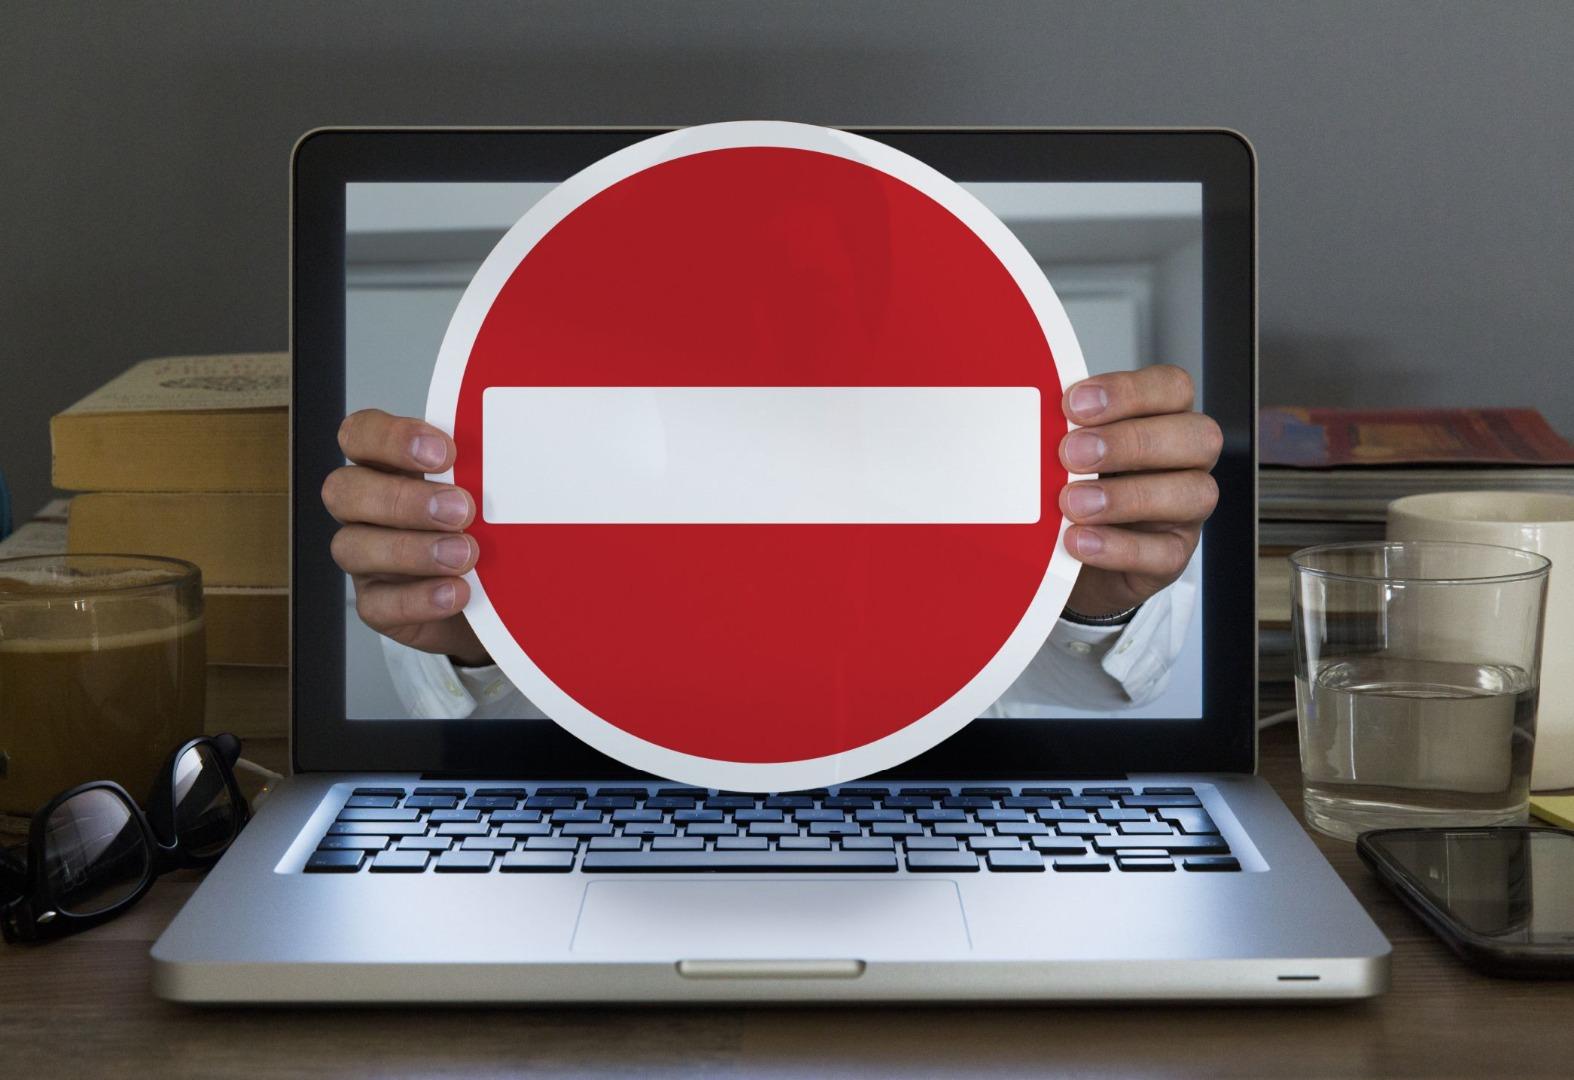 В Госдуме предложили обязать соцсети блокировать незаконный контент